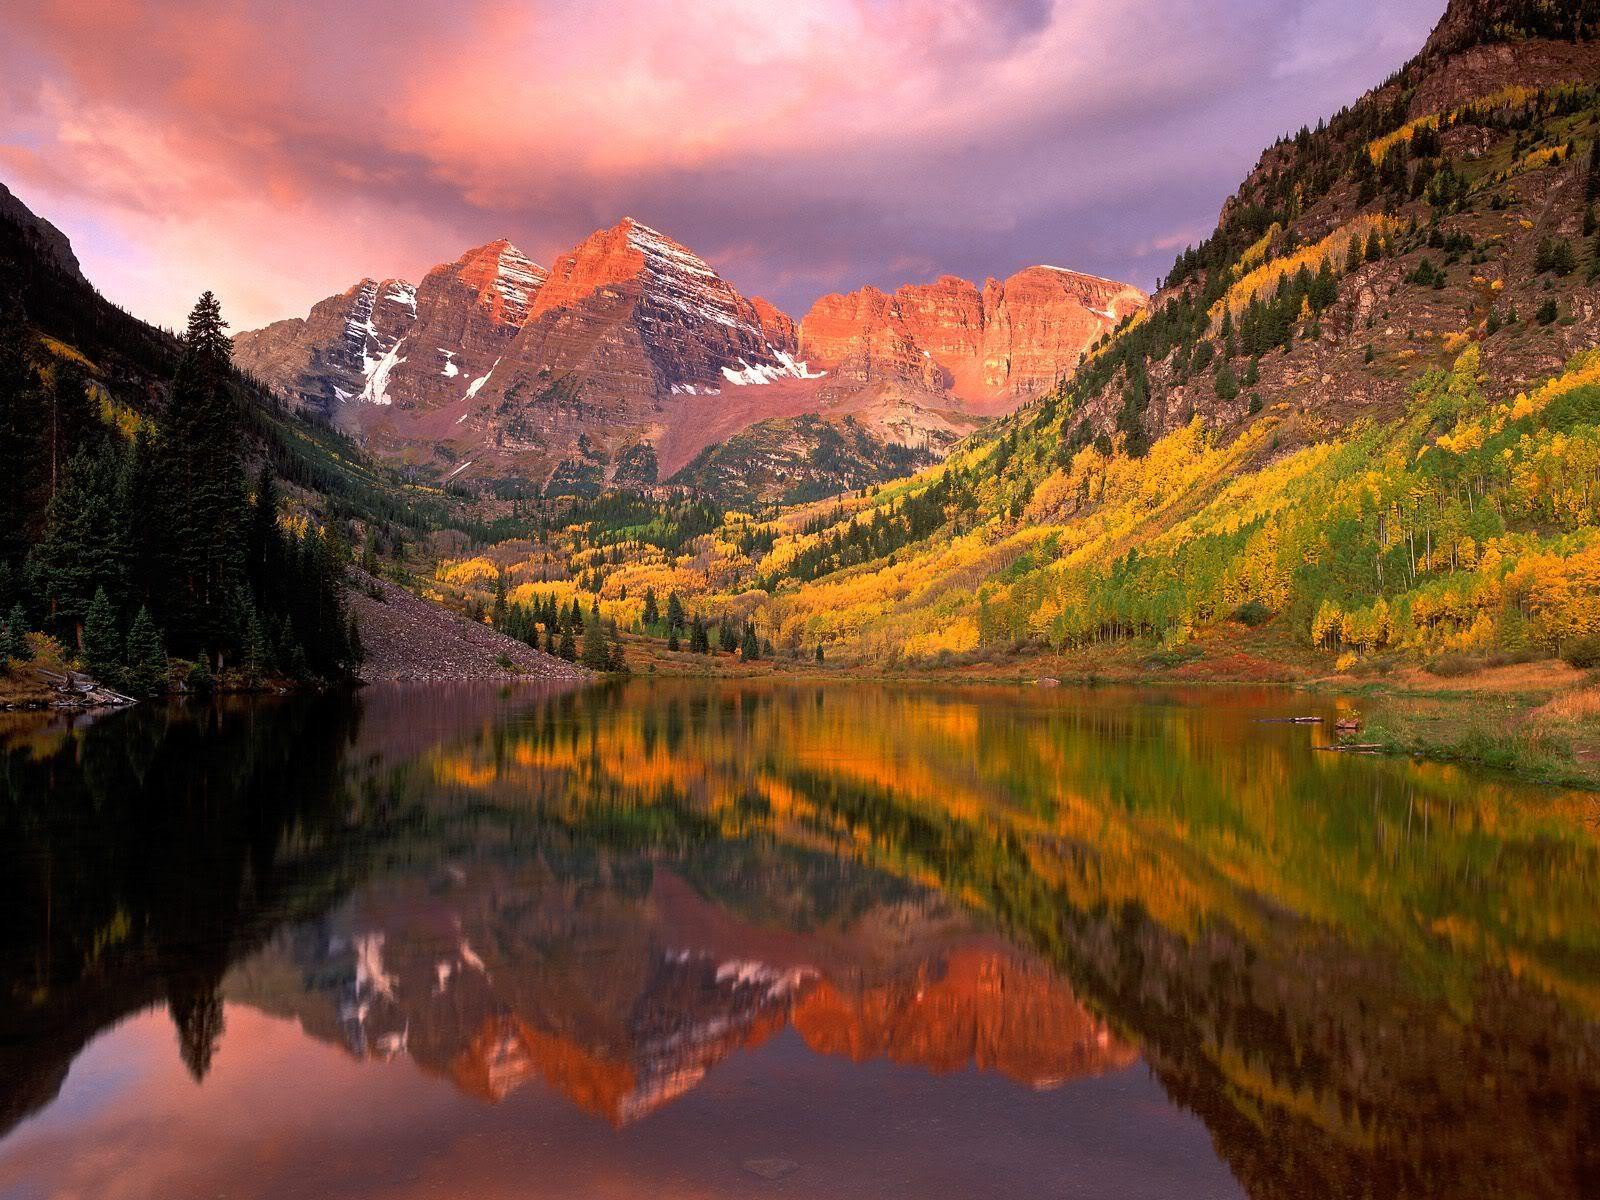 Beautiful fall landscape photo.